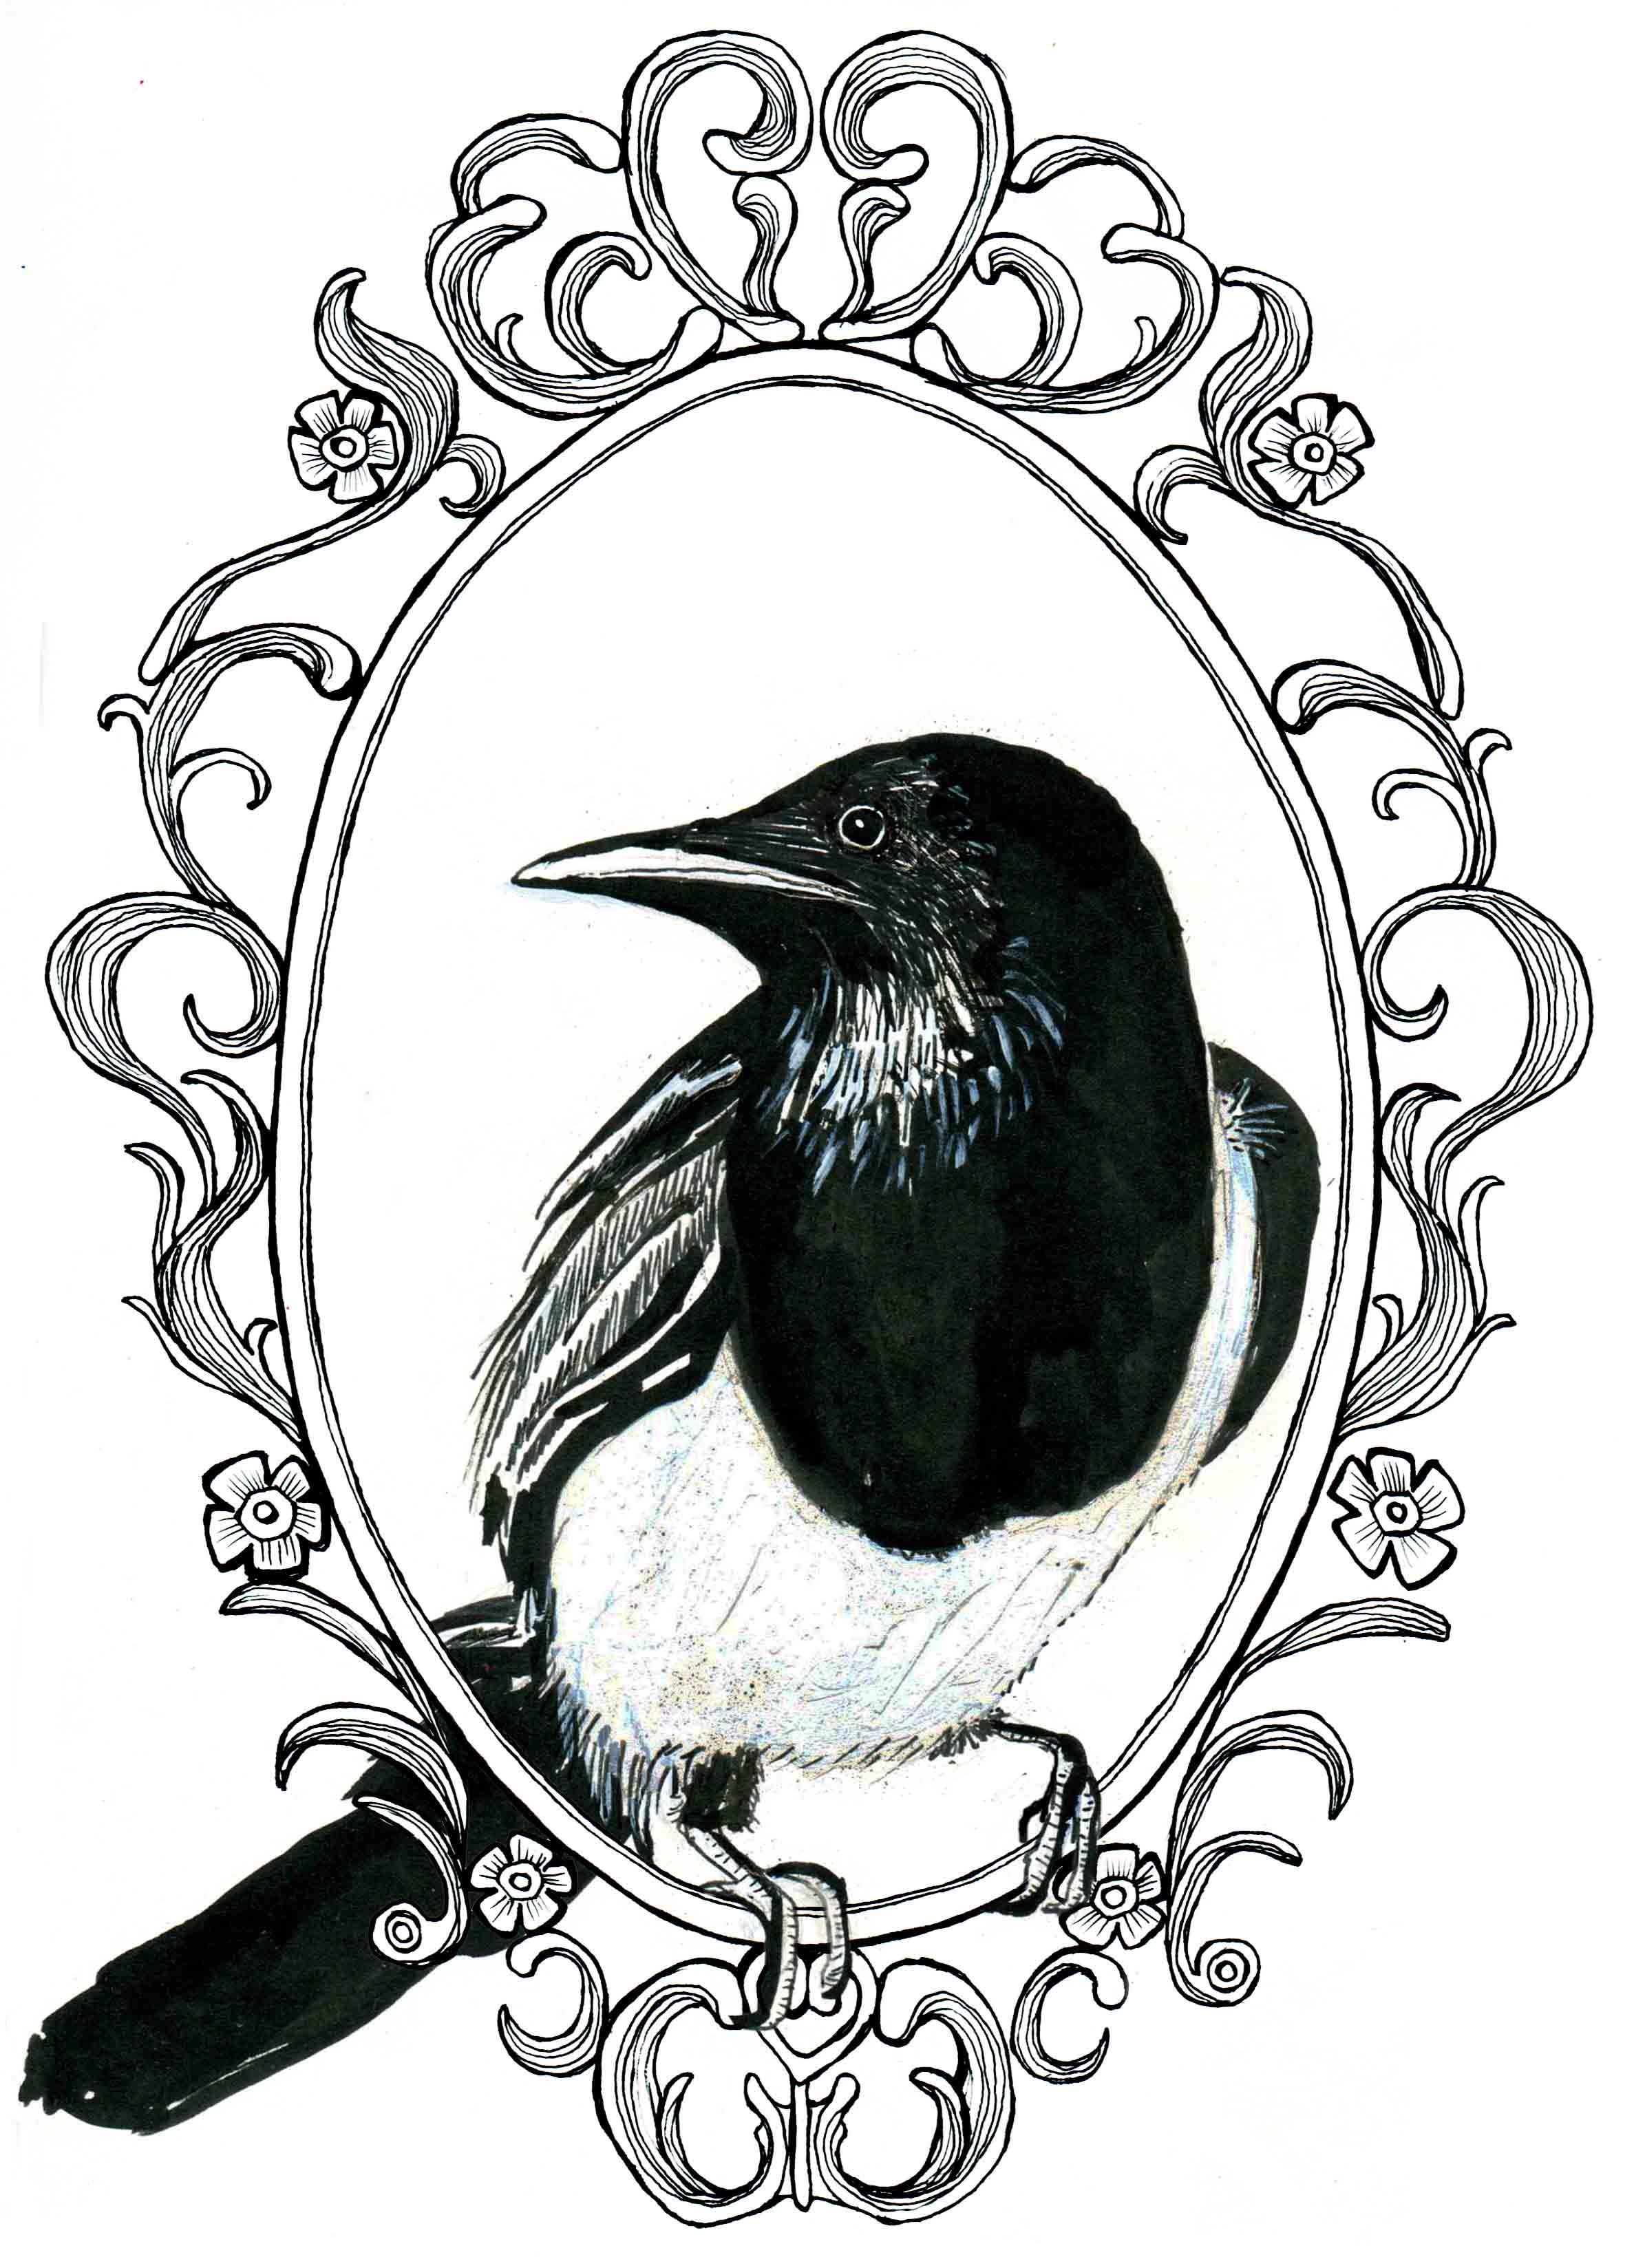 frame tattoo designs. Frame Tattoo Designs - Google Search B